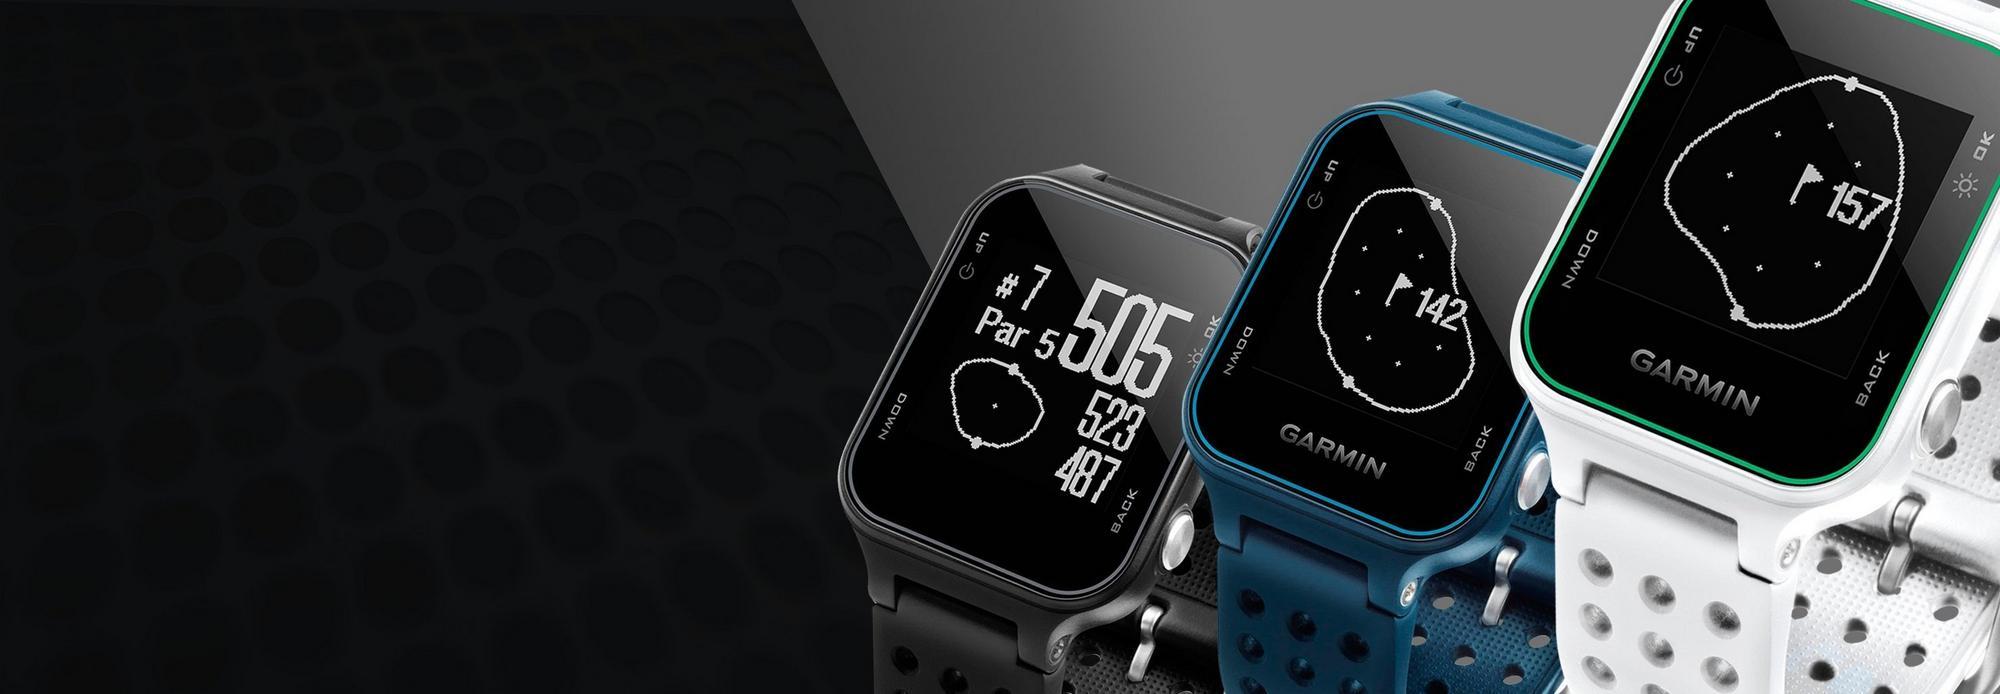 Montre GPS Garmin S20 <br />Seulement 169,99 $ ch.